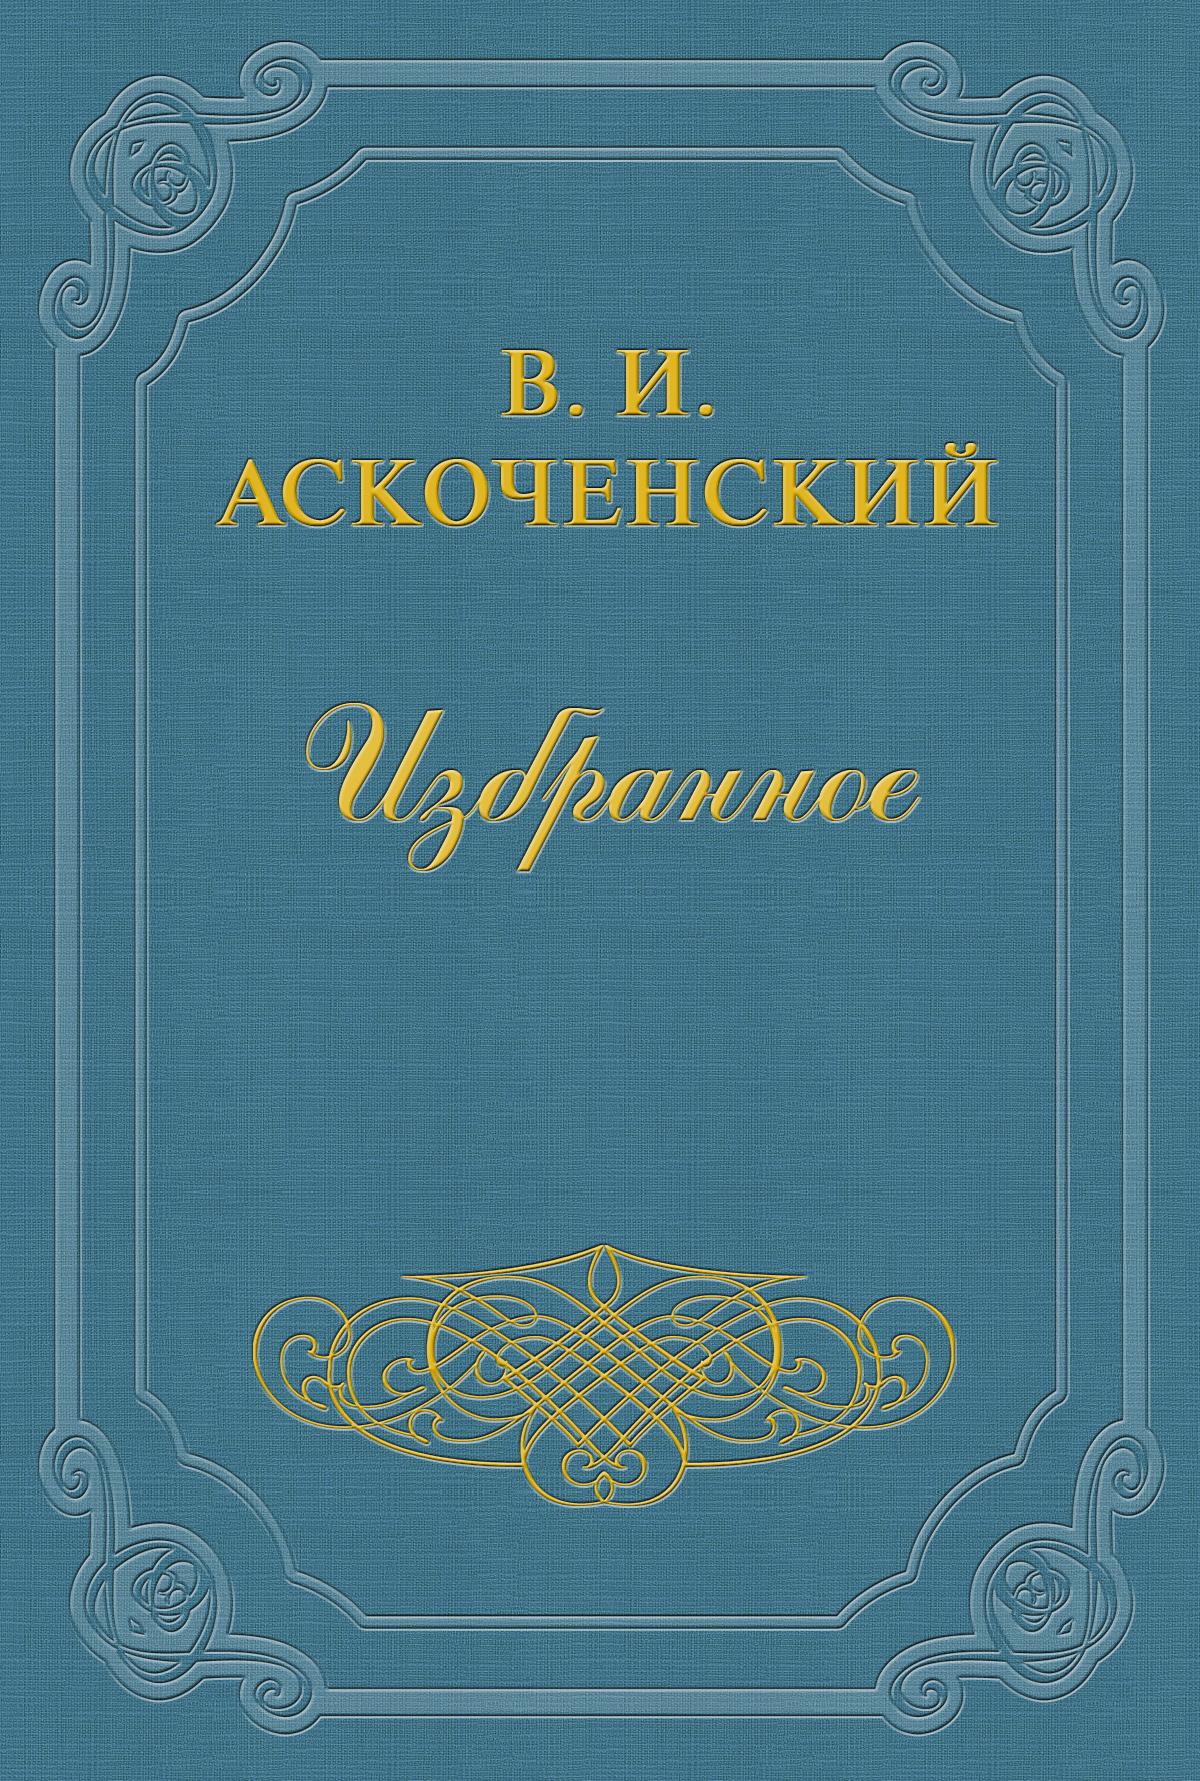 И мои воспоминания о Т.Г.Шевченке